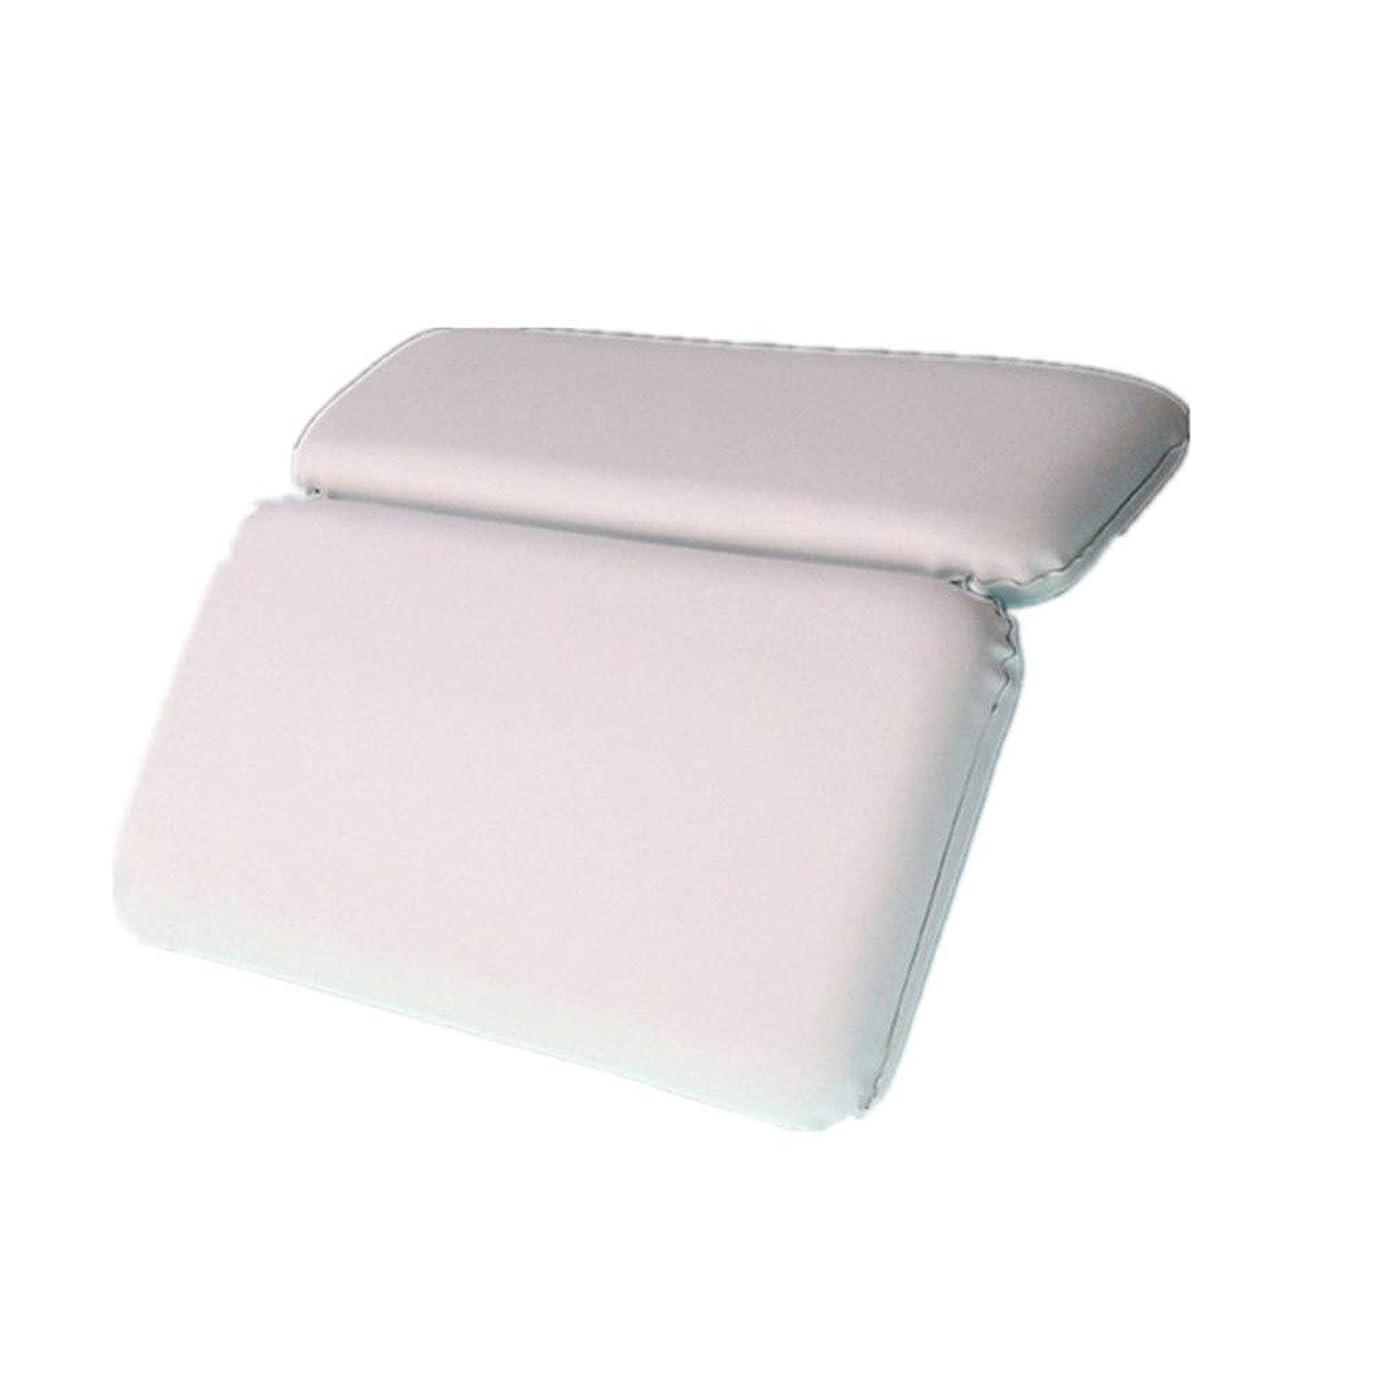 理由強調示す浴槽枕 バックサポートを緩和6チャックスリップバス製品のスパバスヘッドレストクッションと首のサポート 滑り止めバスタブスパ枕 (色 : 白, サイズ : 36.8 x 28cm)